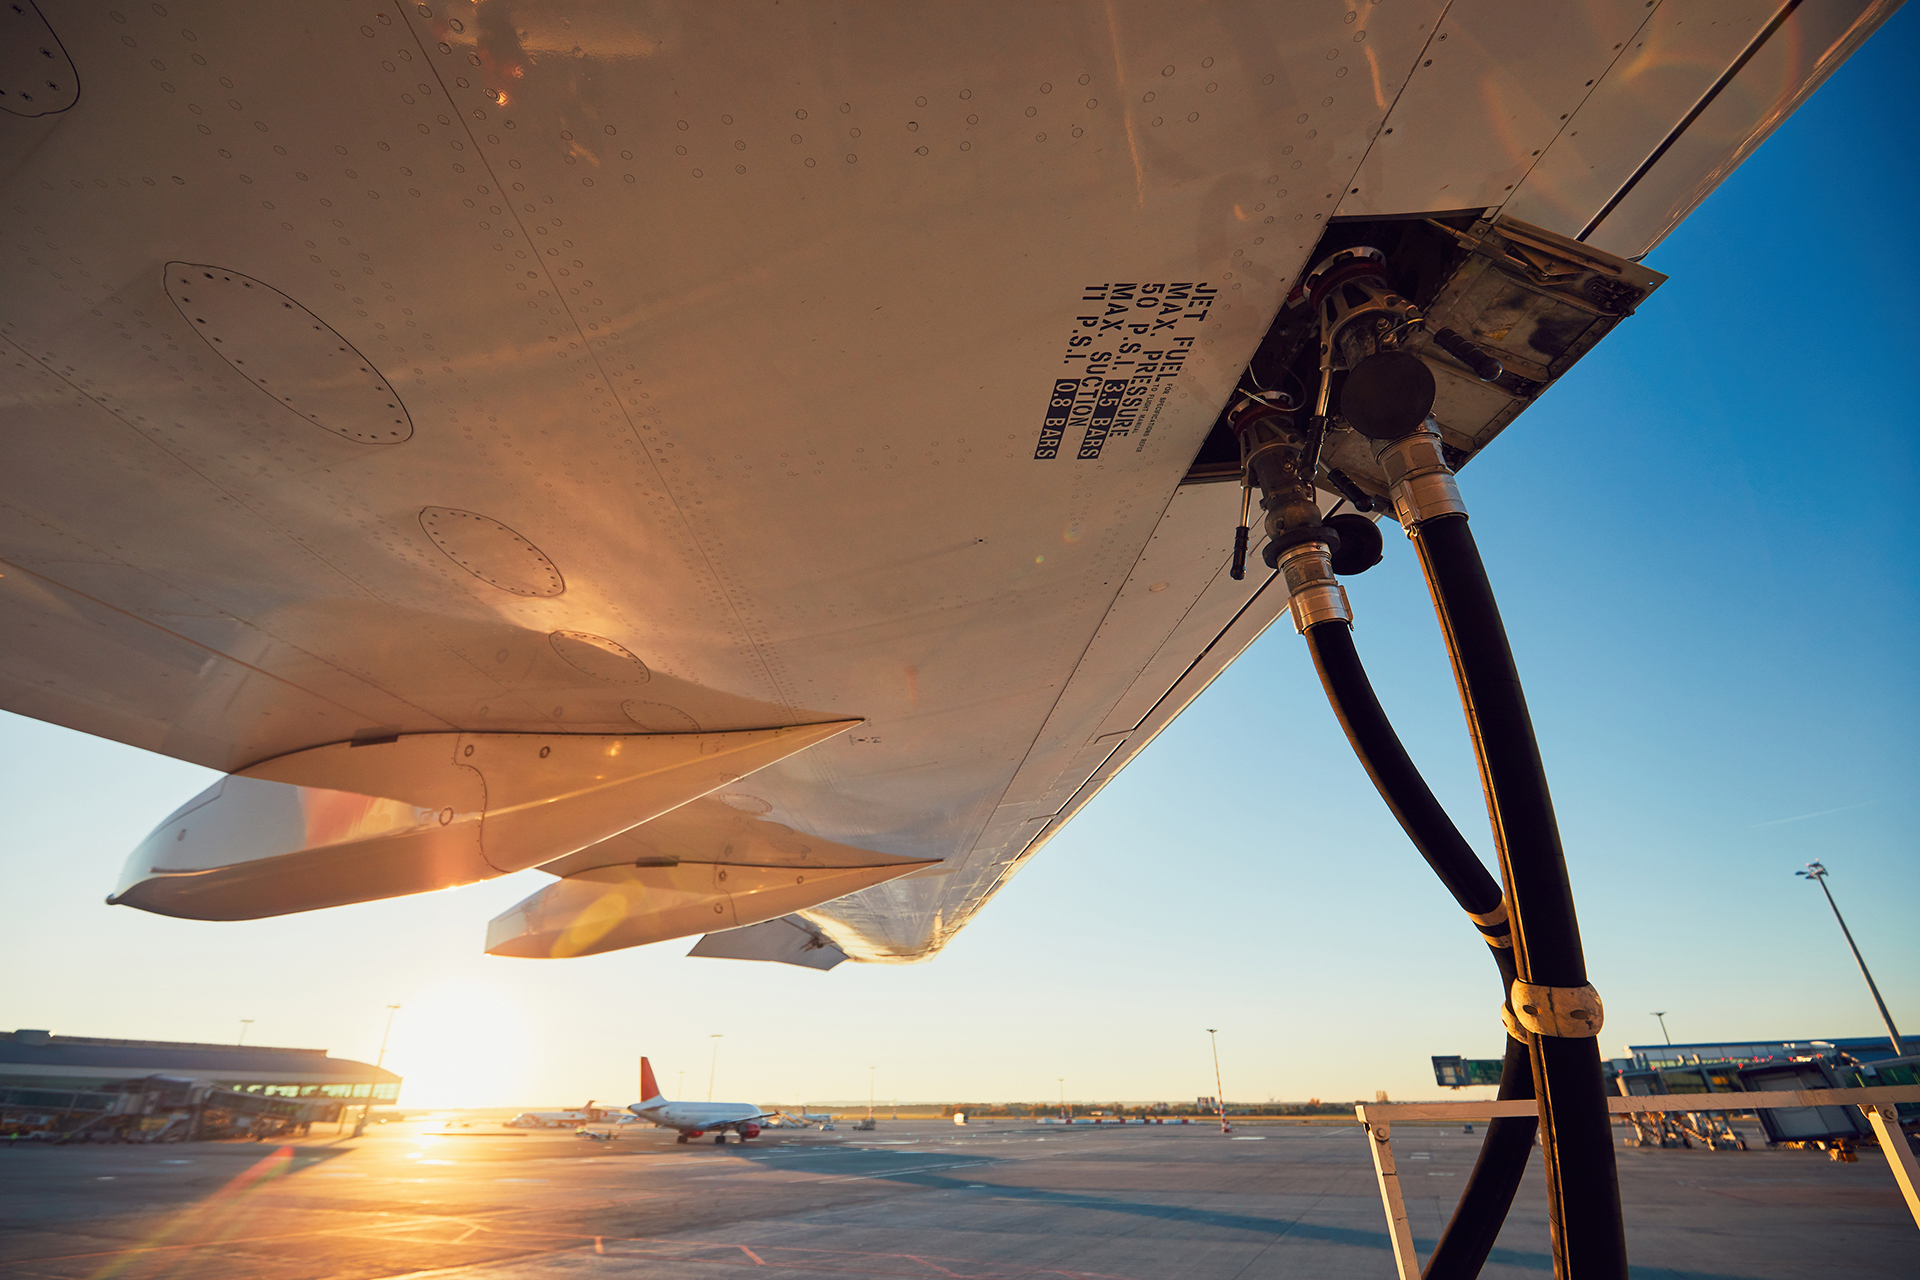 Gladson autoriza redução do ICMS sobre combustíveis de aviação